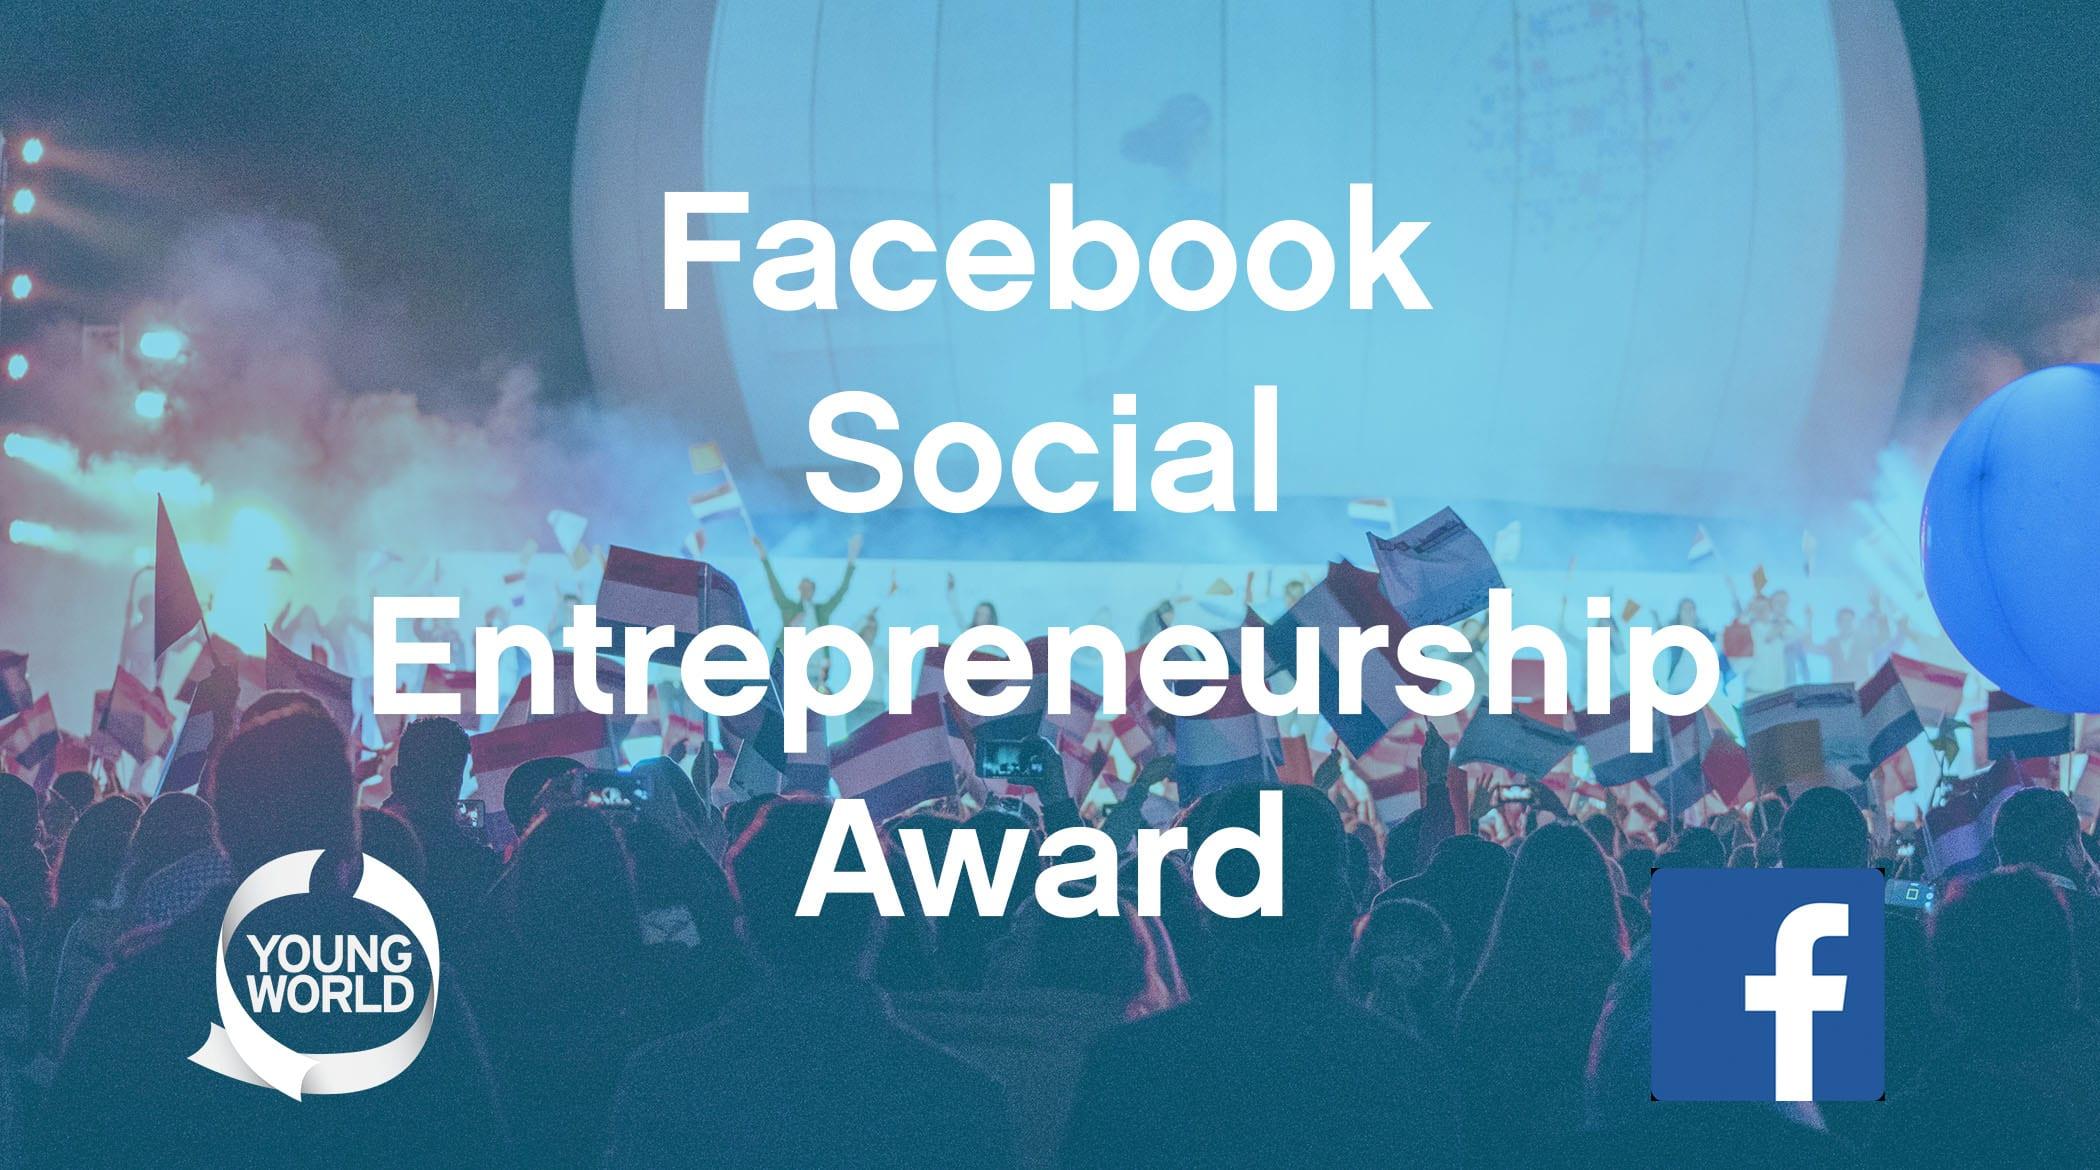 Facebook Social Entrepreneurship Award 2018/2019 for One Young World Ambassadors